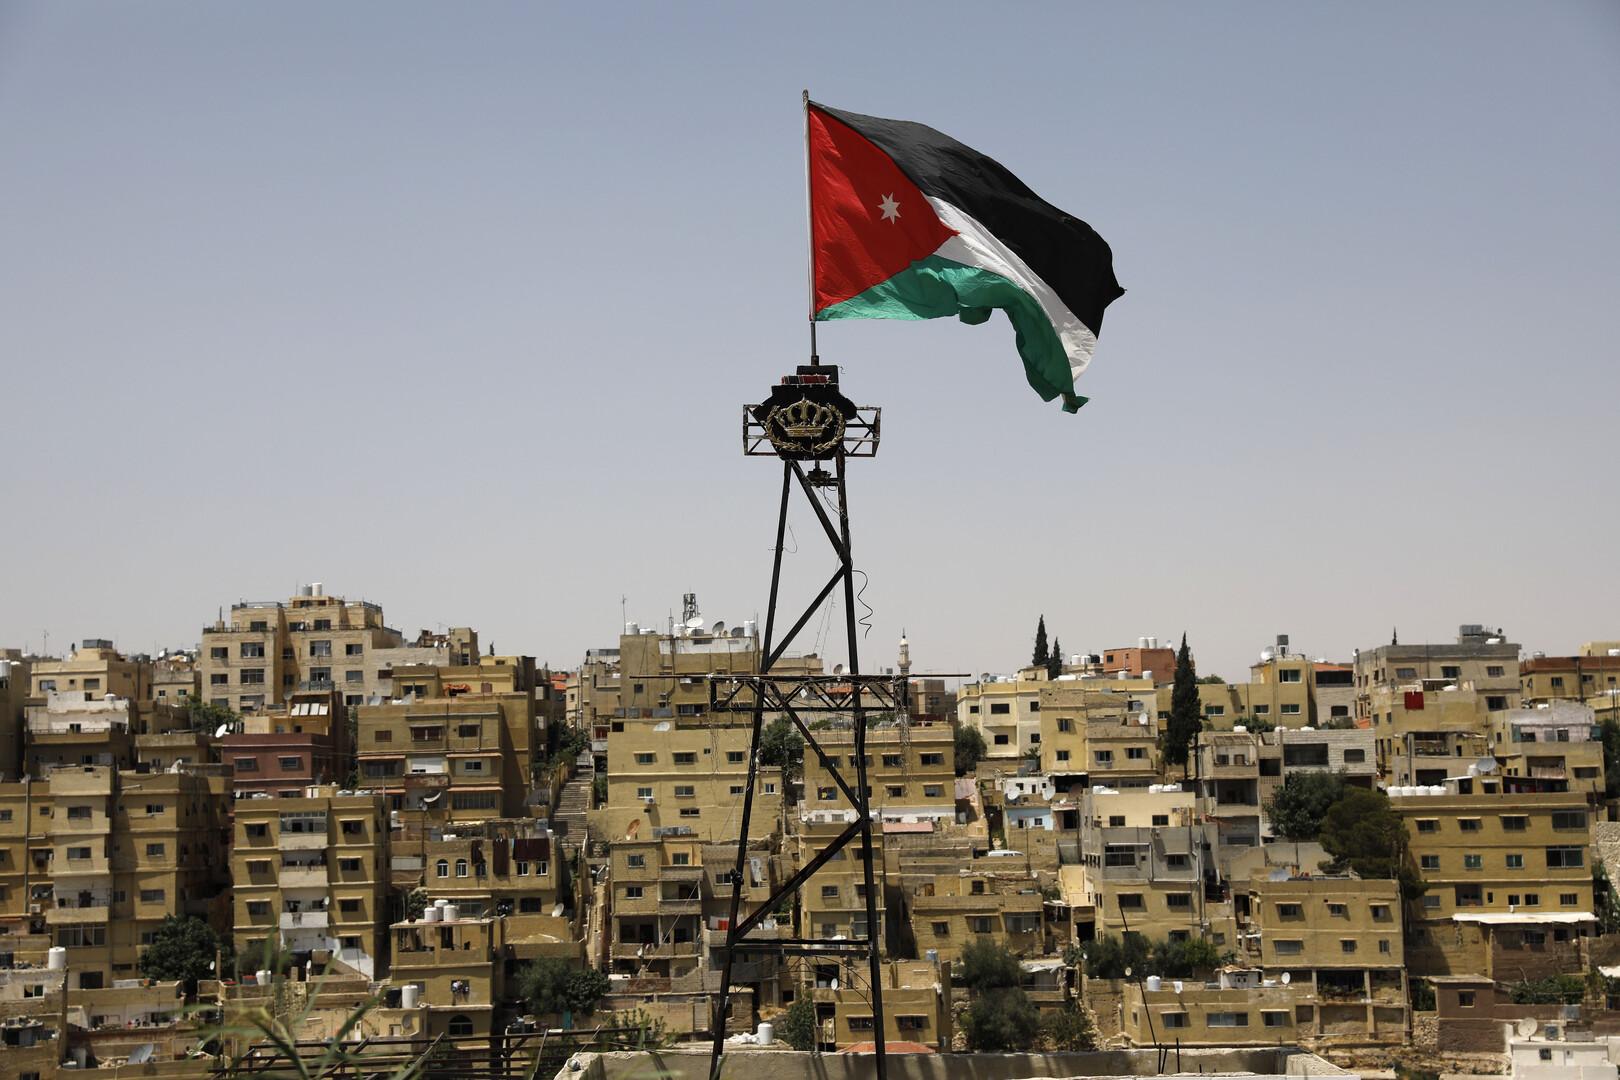 الأردن ينفي موافقته على تمديد تأجير إسرائيل منطقتي الباقورة والغمر